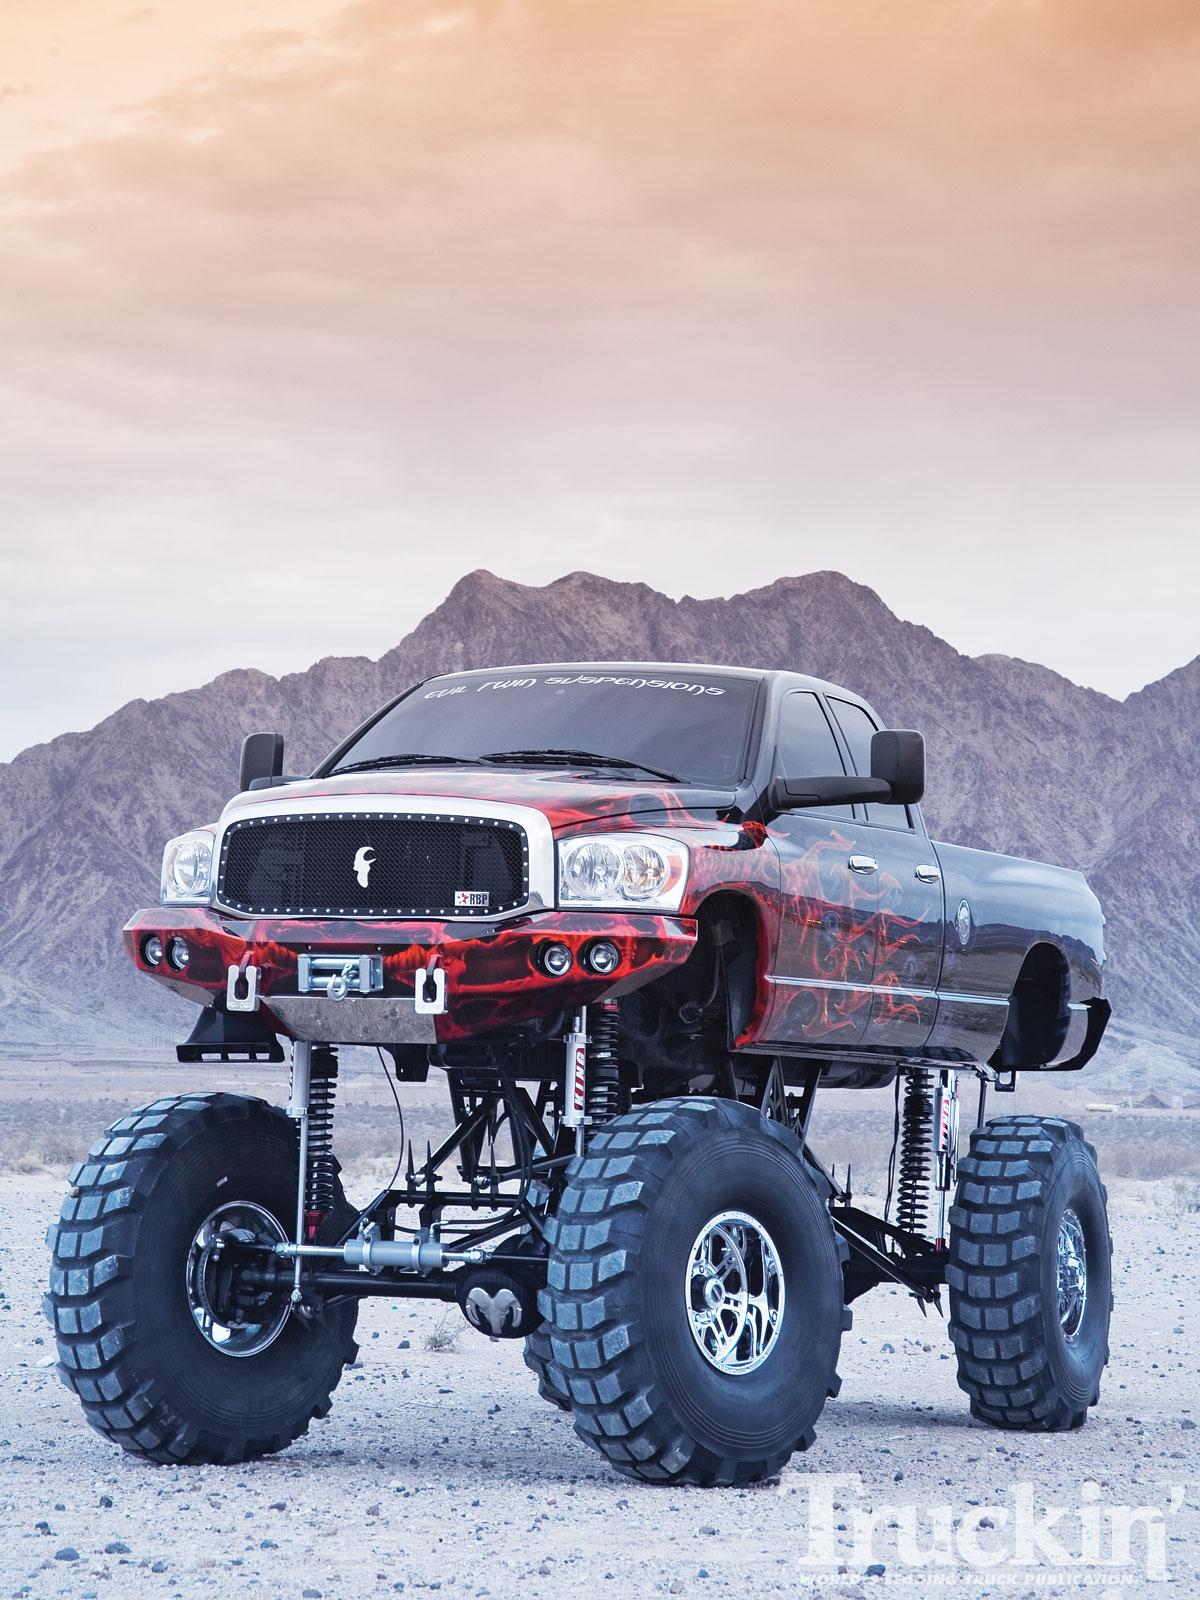 2007 Dodge Ram 2500 - Cummins Diesel Engine - Truckin ...